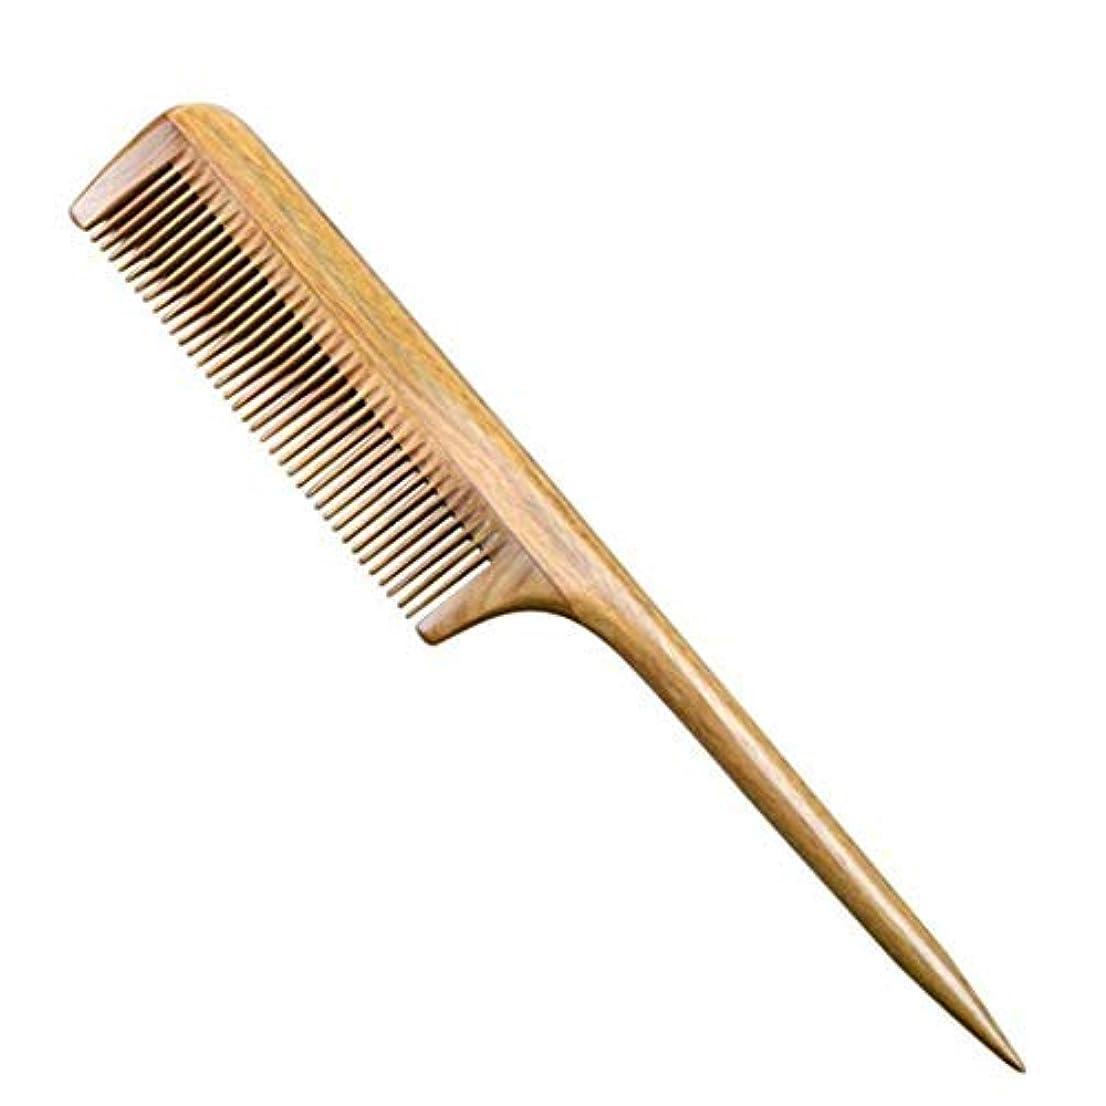 同意するヘロイン疑いRat Tail Hair Comb - Fine Tooth Natural Green Sandalwood Combs with Teasing Tail Handle - No Static Wooden Comb...